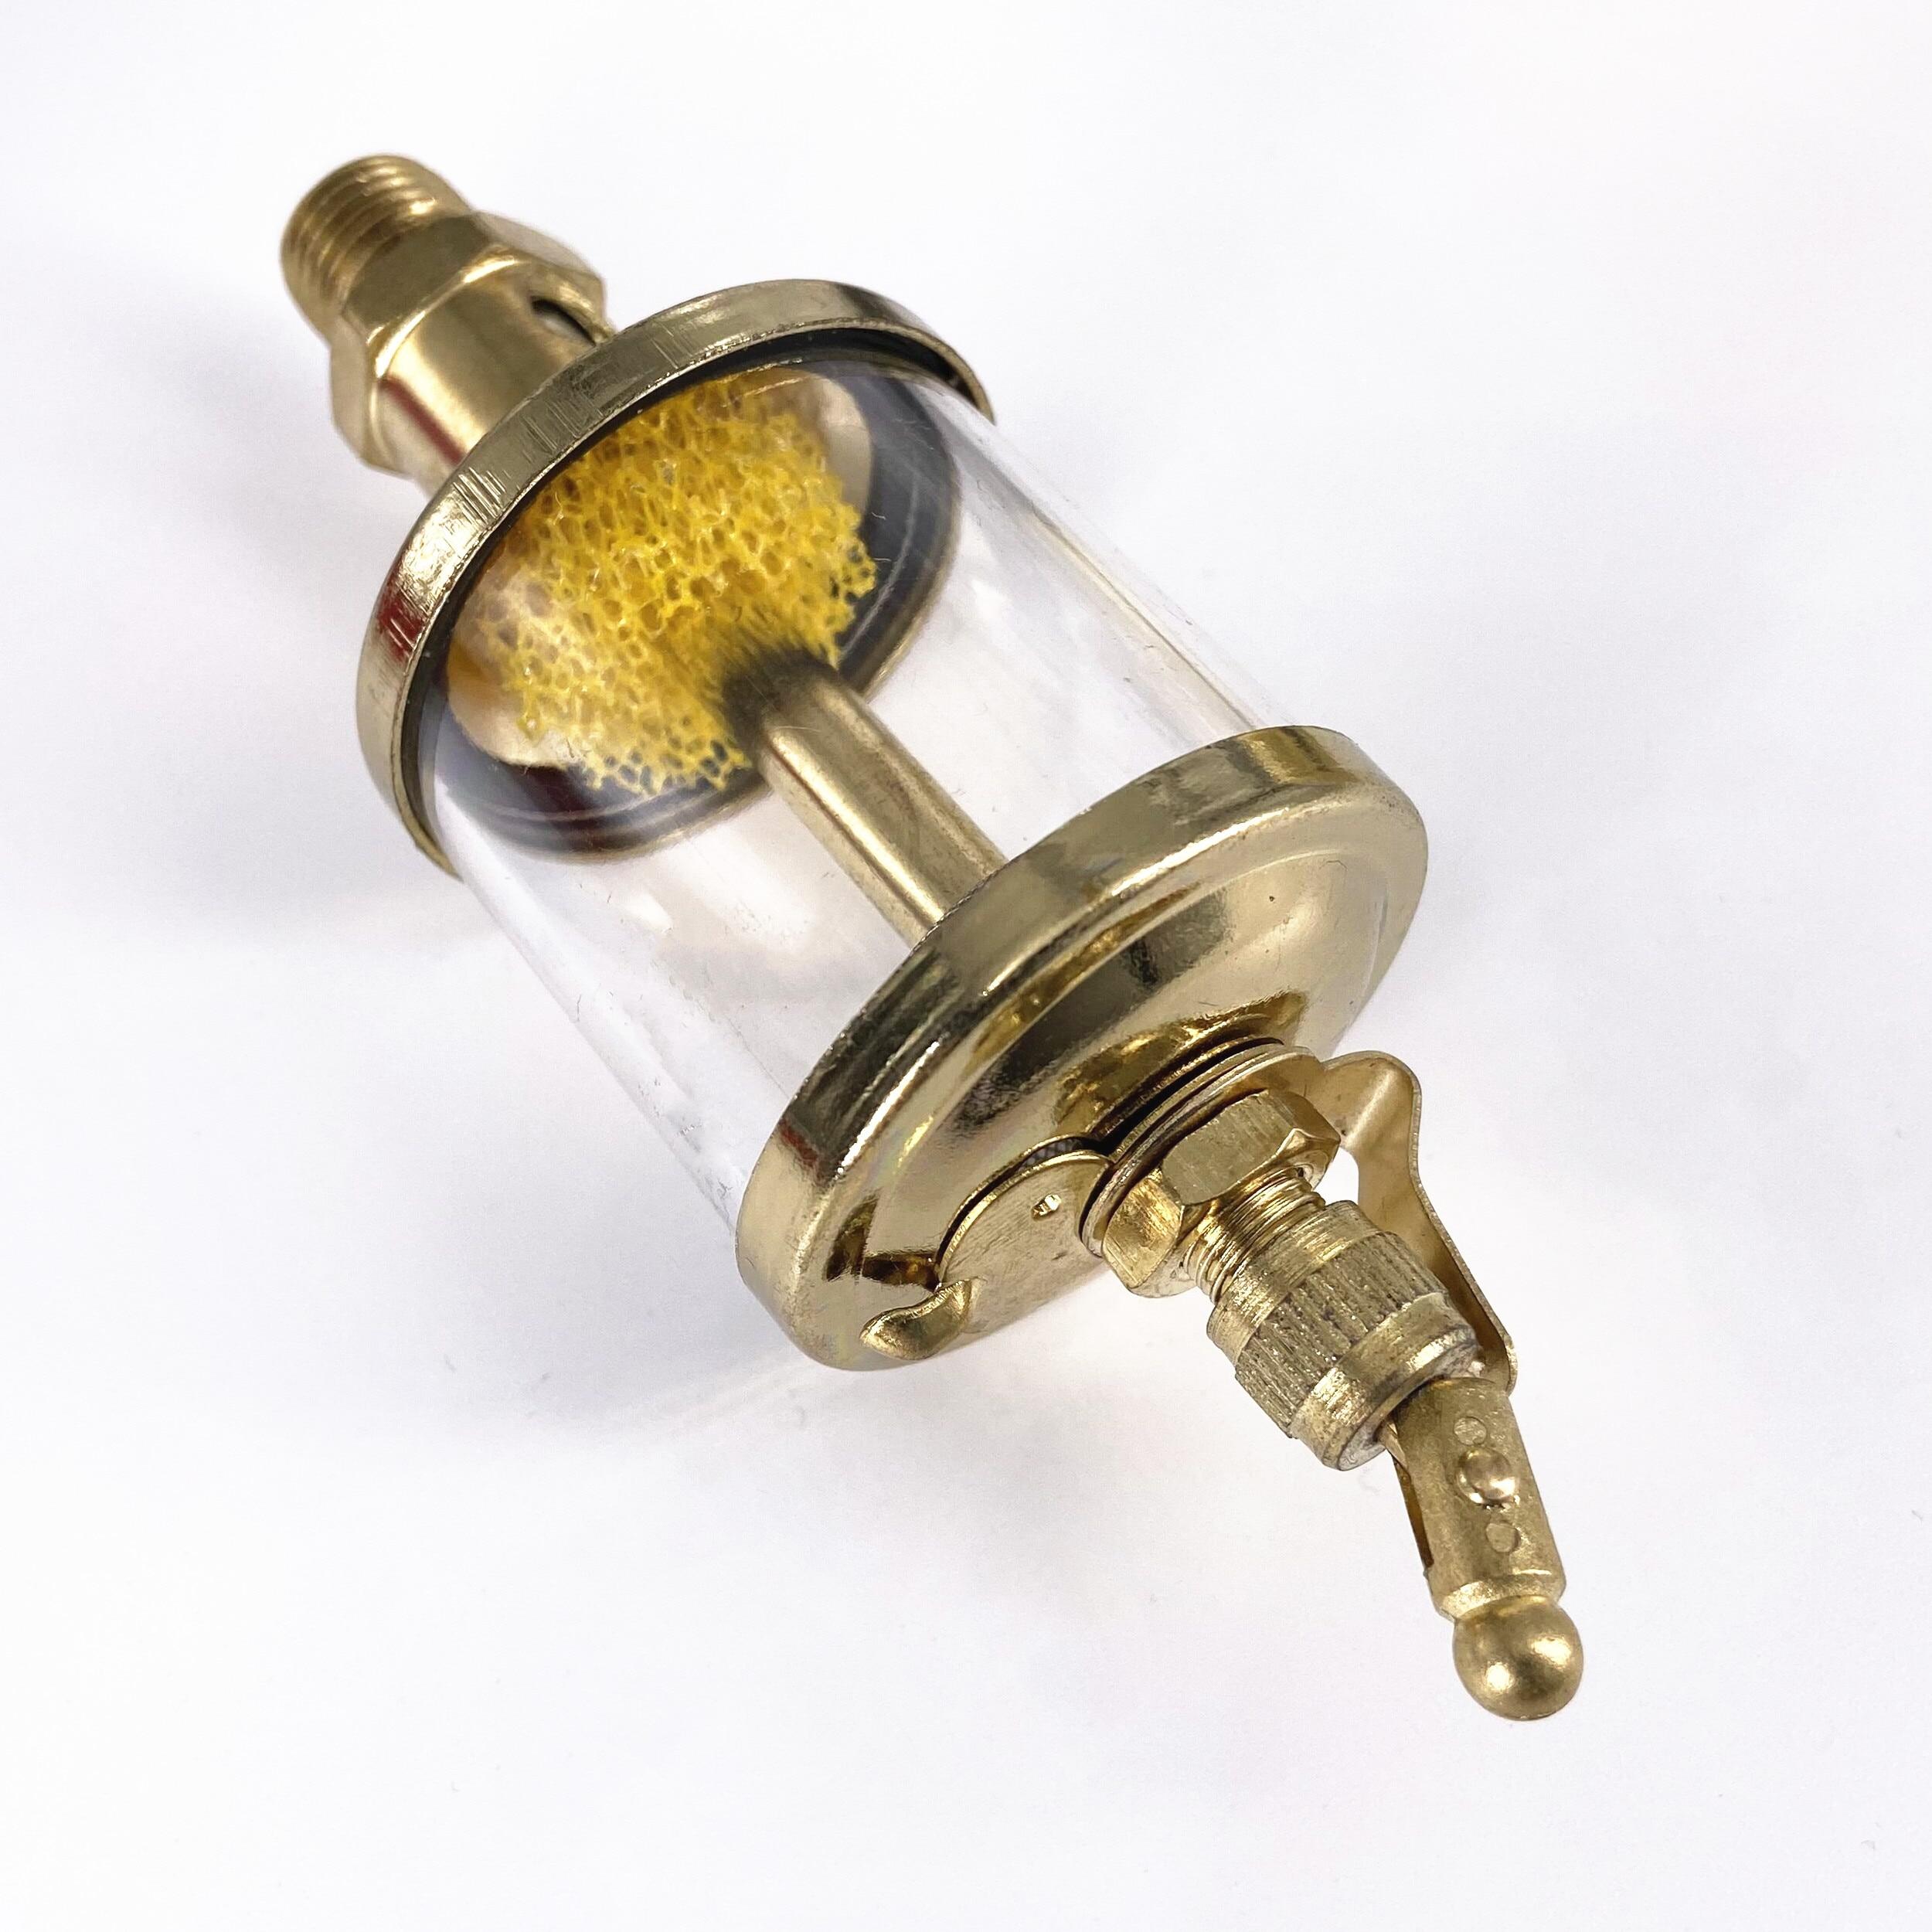 М10 М12, М14, М16 метрический игольчатый клапан с наружной резьбой, масляный колпачок, гравитационная капельная Масляная смазка для промышленно...